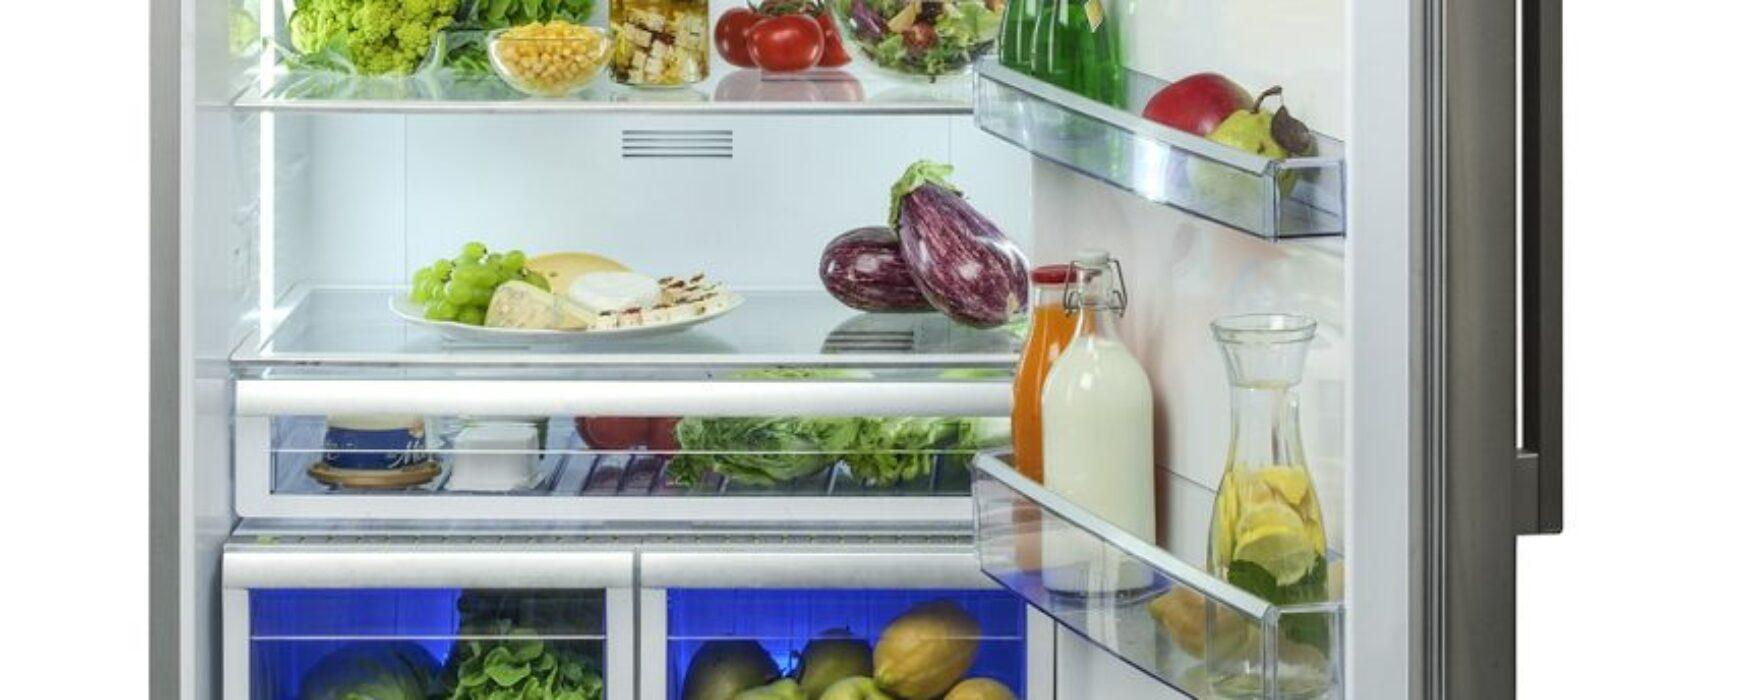 Zece alimente care nu trebuie păstrate în frigider